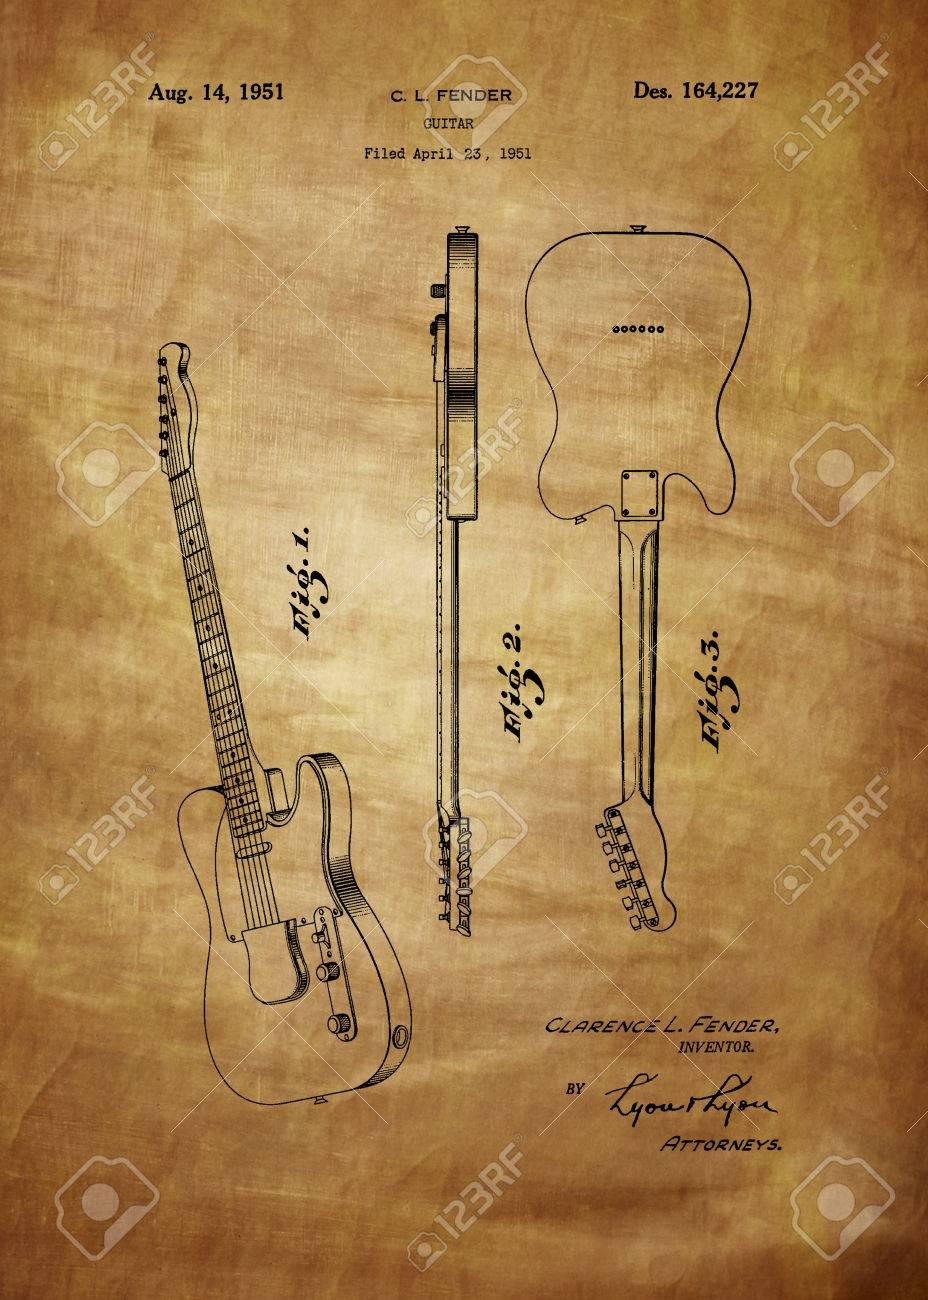 6e95e11fc3c77 Fender brevet de guitare à partir de 1951 des brevets Art - Fine Art  Photograph basée sur l'illustration de brevet d'origine Cherché Et Enhanced  De ...